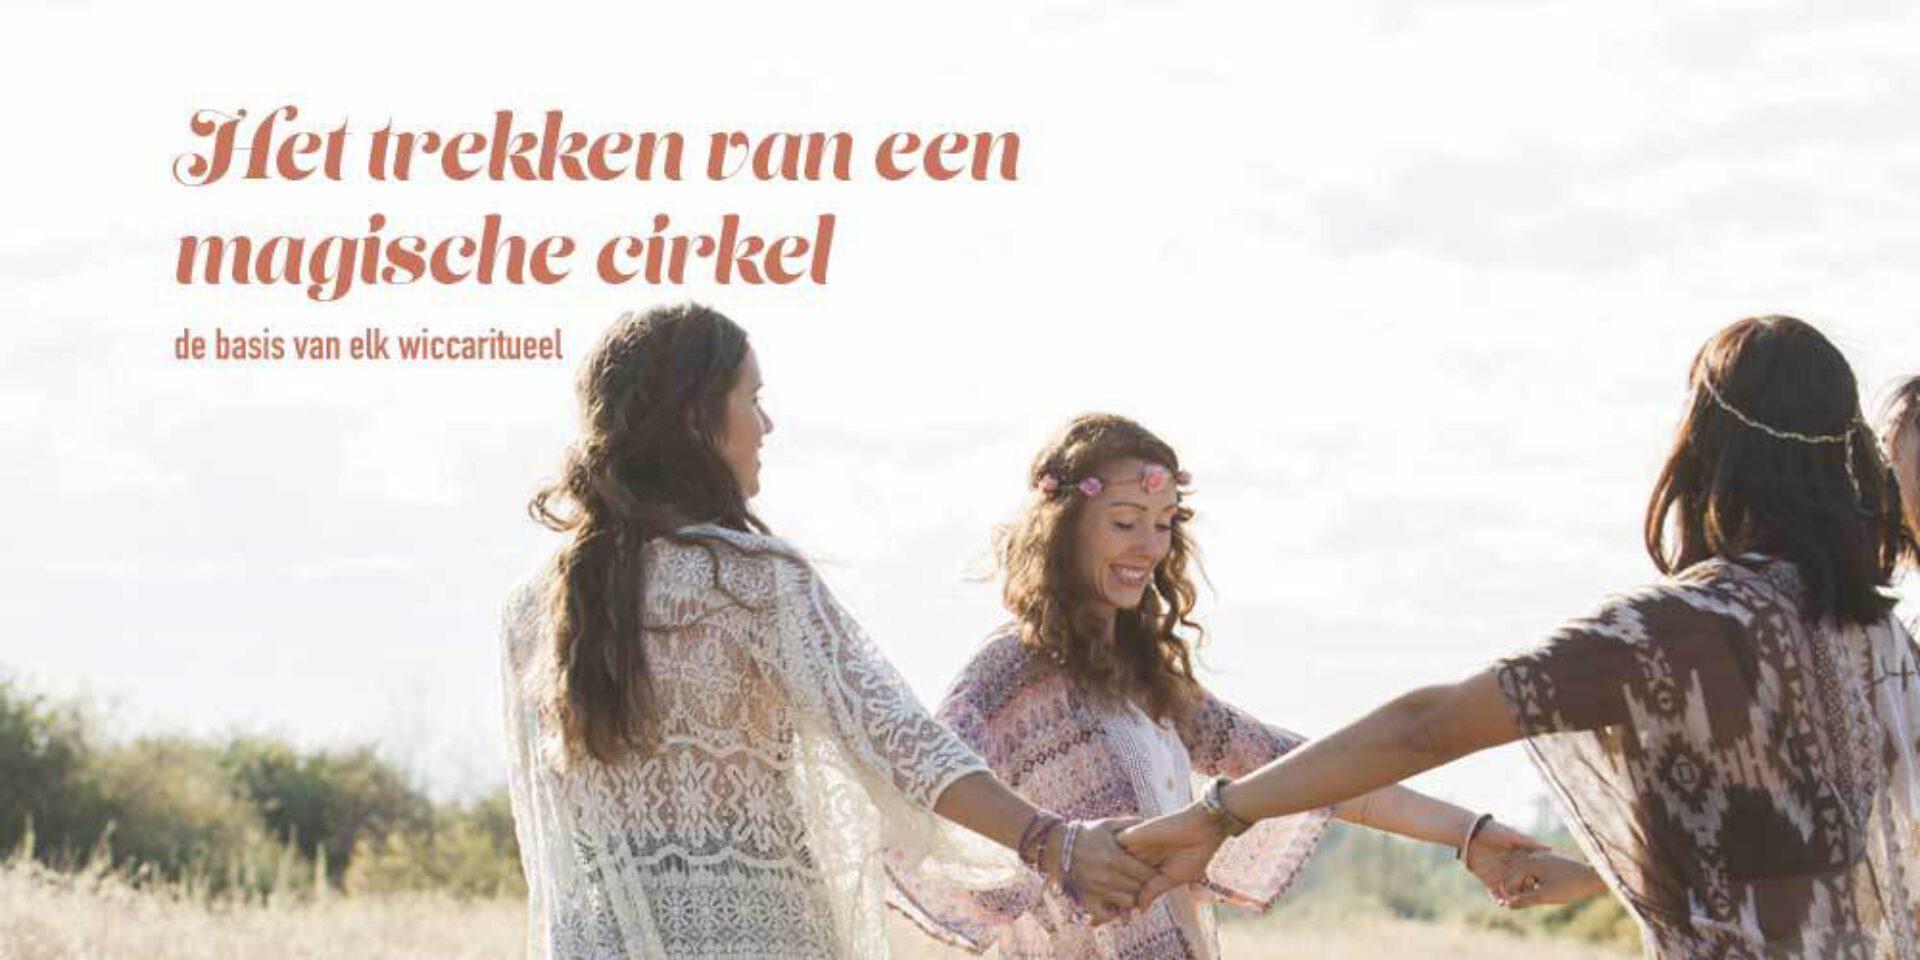 Het trekken van een magische cirkel: de basis van elk wiccaritueel